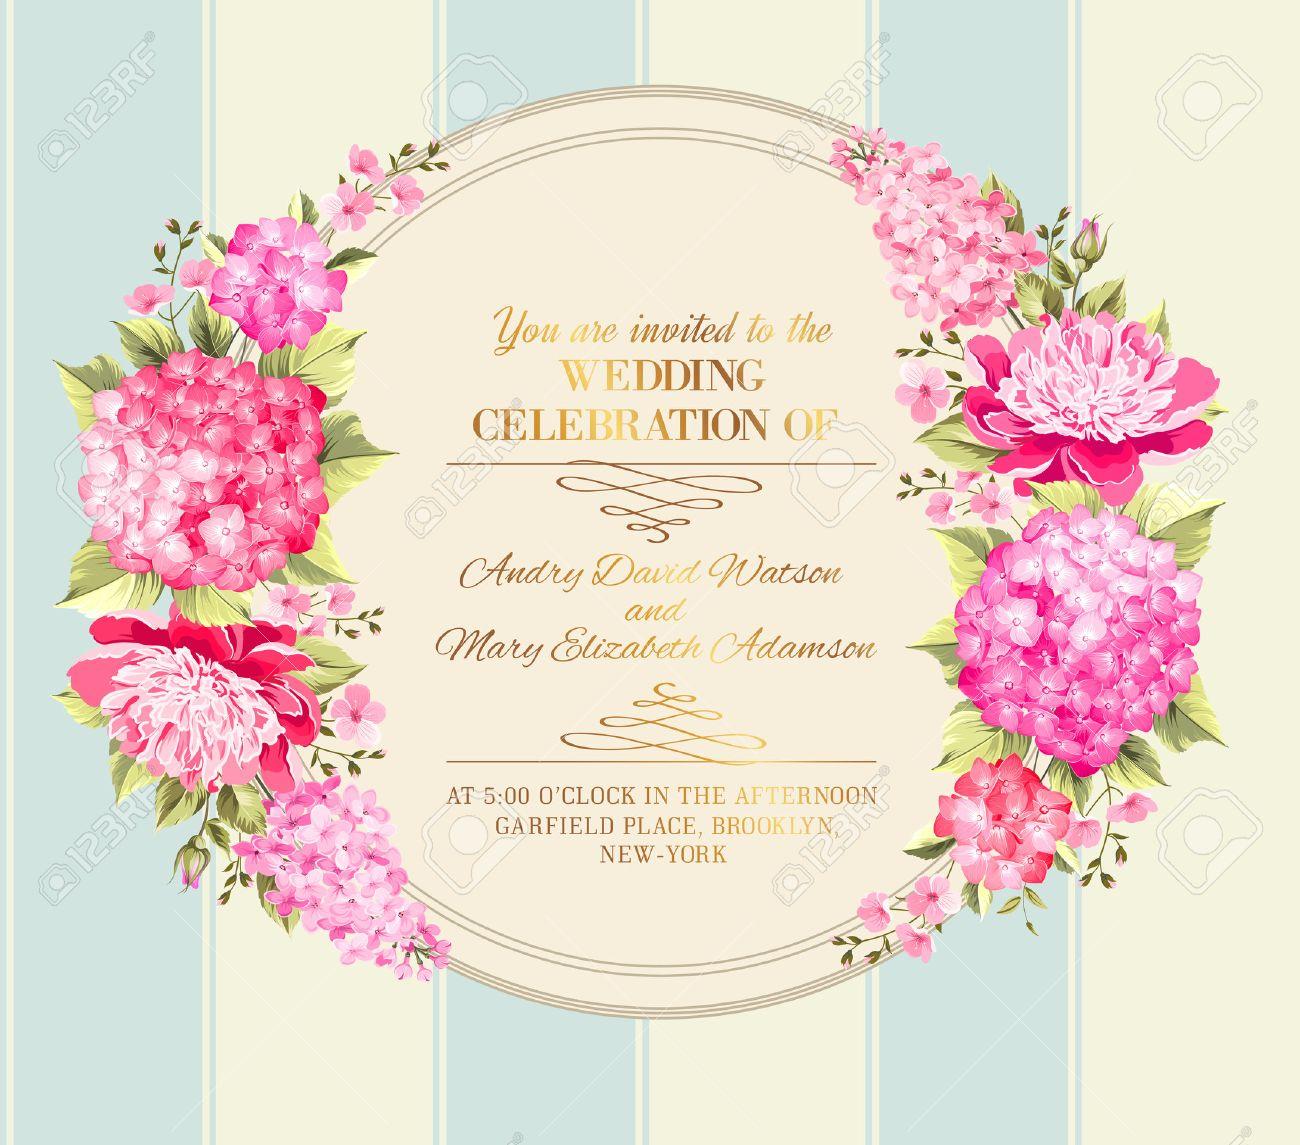 Tarjeta De Invitación De Boda Con Flores De Color Rosa. Plantilla De ...